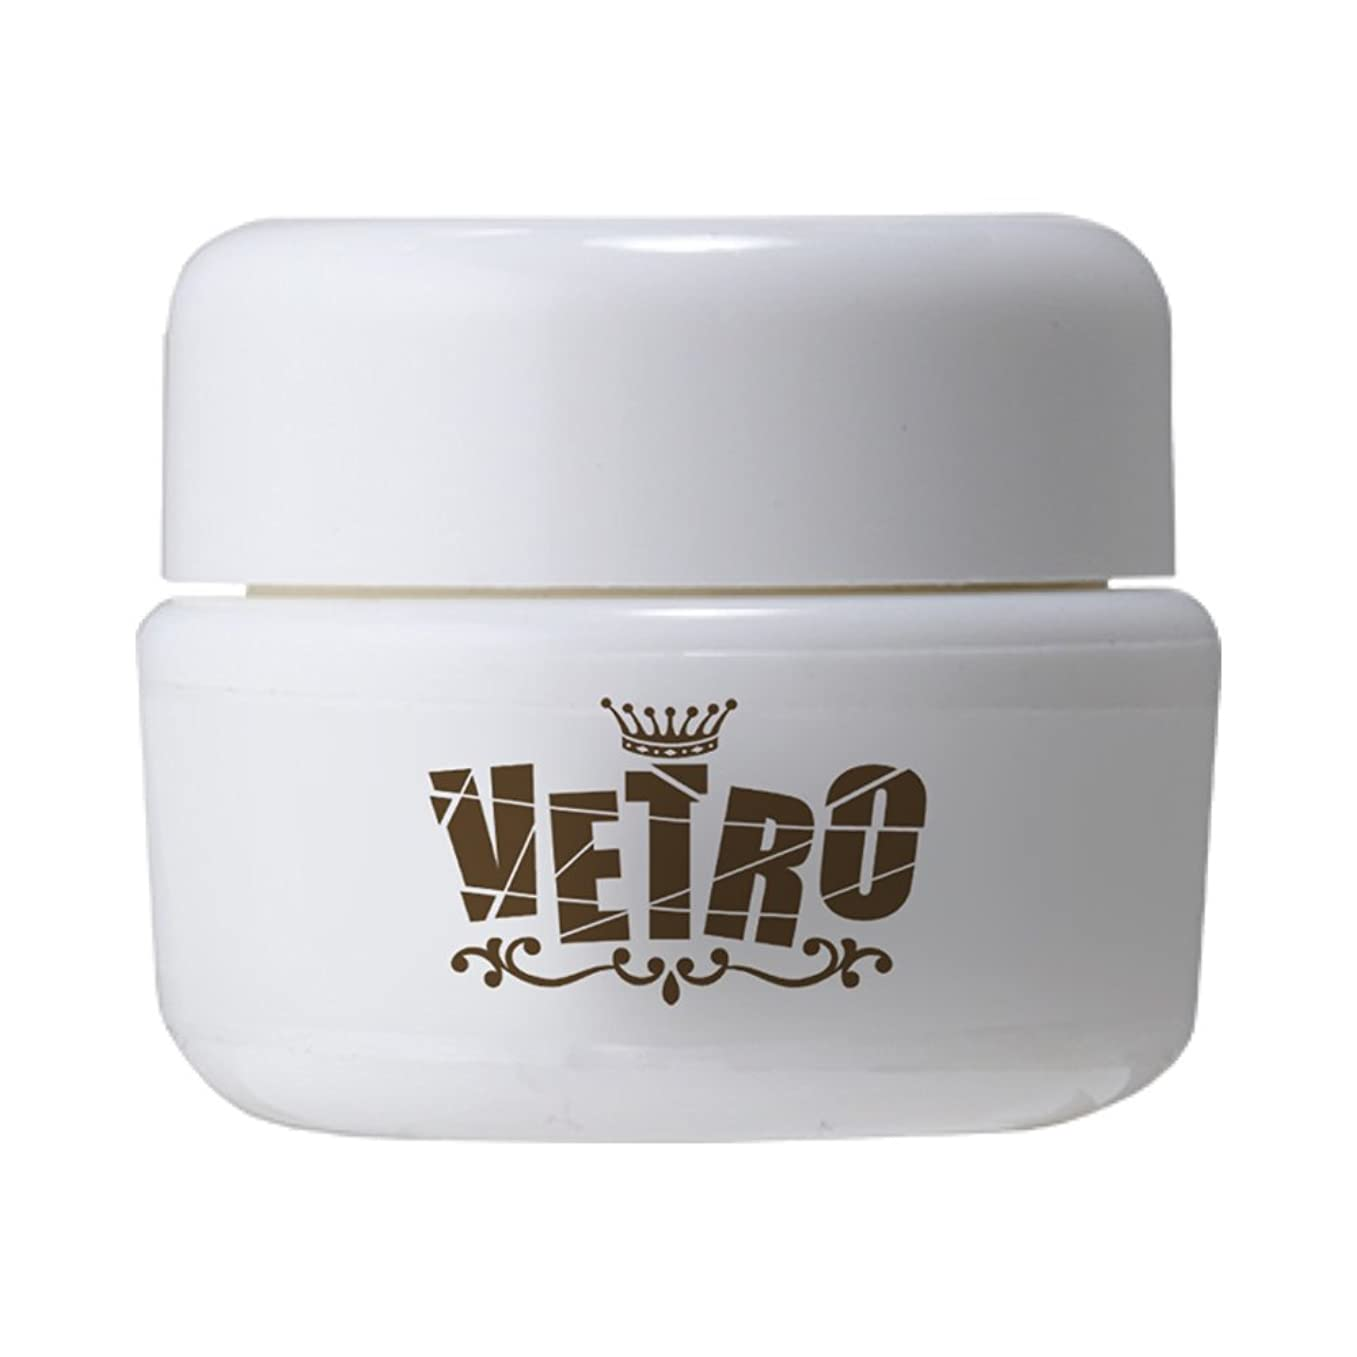 衰える鑑定聖書VETRO No.19カラージェル VL401 5mL 白茶(しらちゃ)